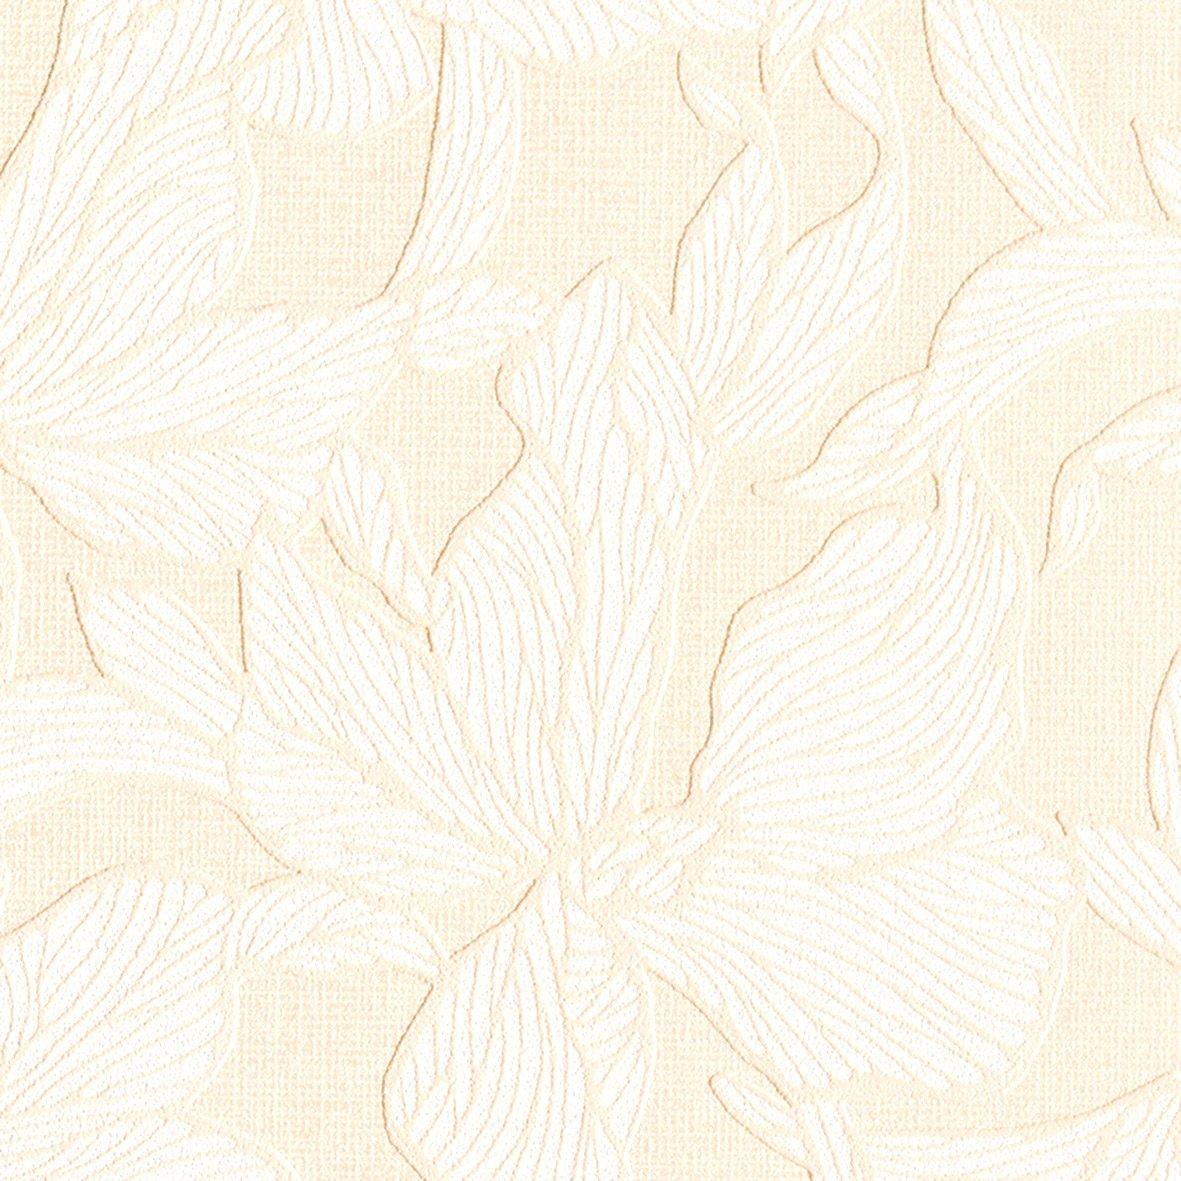 リリカラ 壁紙1巻50m ナチュラル 花柄 ベージュ 水廻り LV-6233 B01IHGGHO6 50m|ベージュ